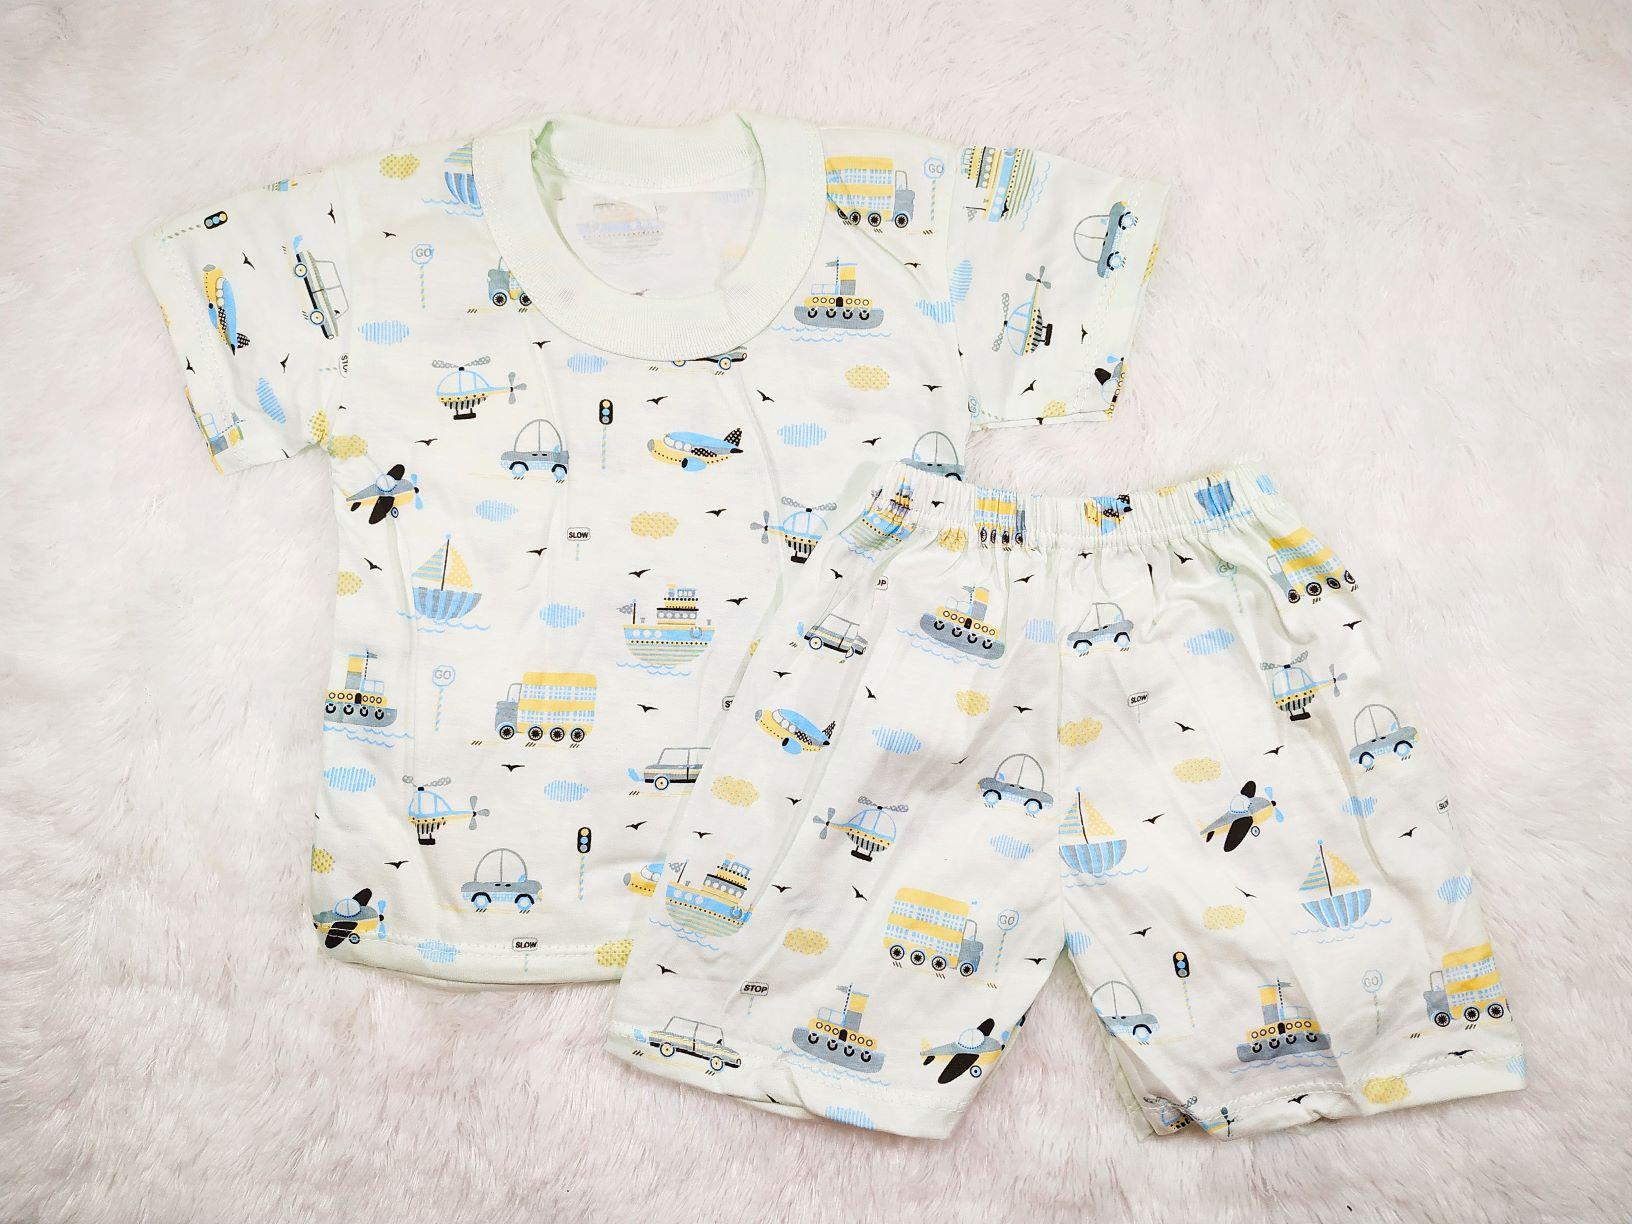 Baju Bayi / Piyama Bayi / Setelan Bayi / Setelan Bayi 0-12 Bulan / Baju Bayi Murah / Baju Bayi Panjang / Baju Bayi Pendek / Velvet Junior / Libby / Baju Baby / Piyama Baby / Setelan Baby / Baby Key / Baju Baby Murah / Baju Baby Panjang